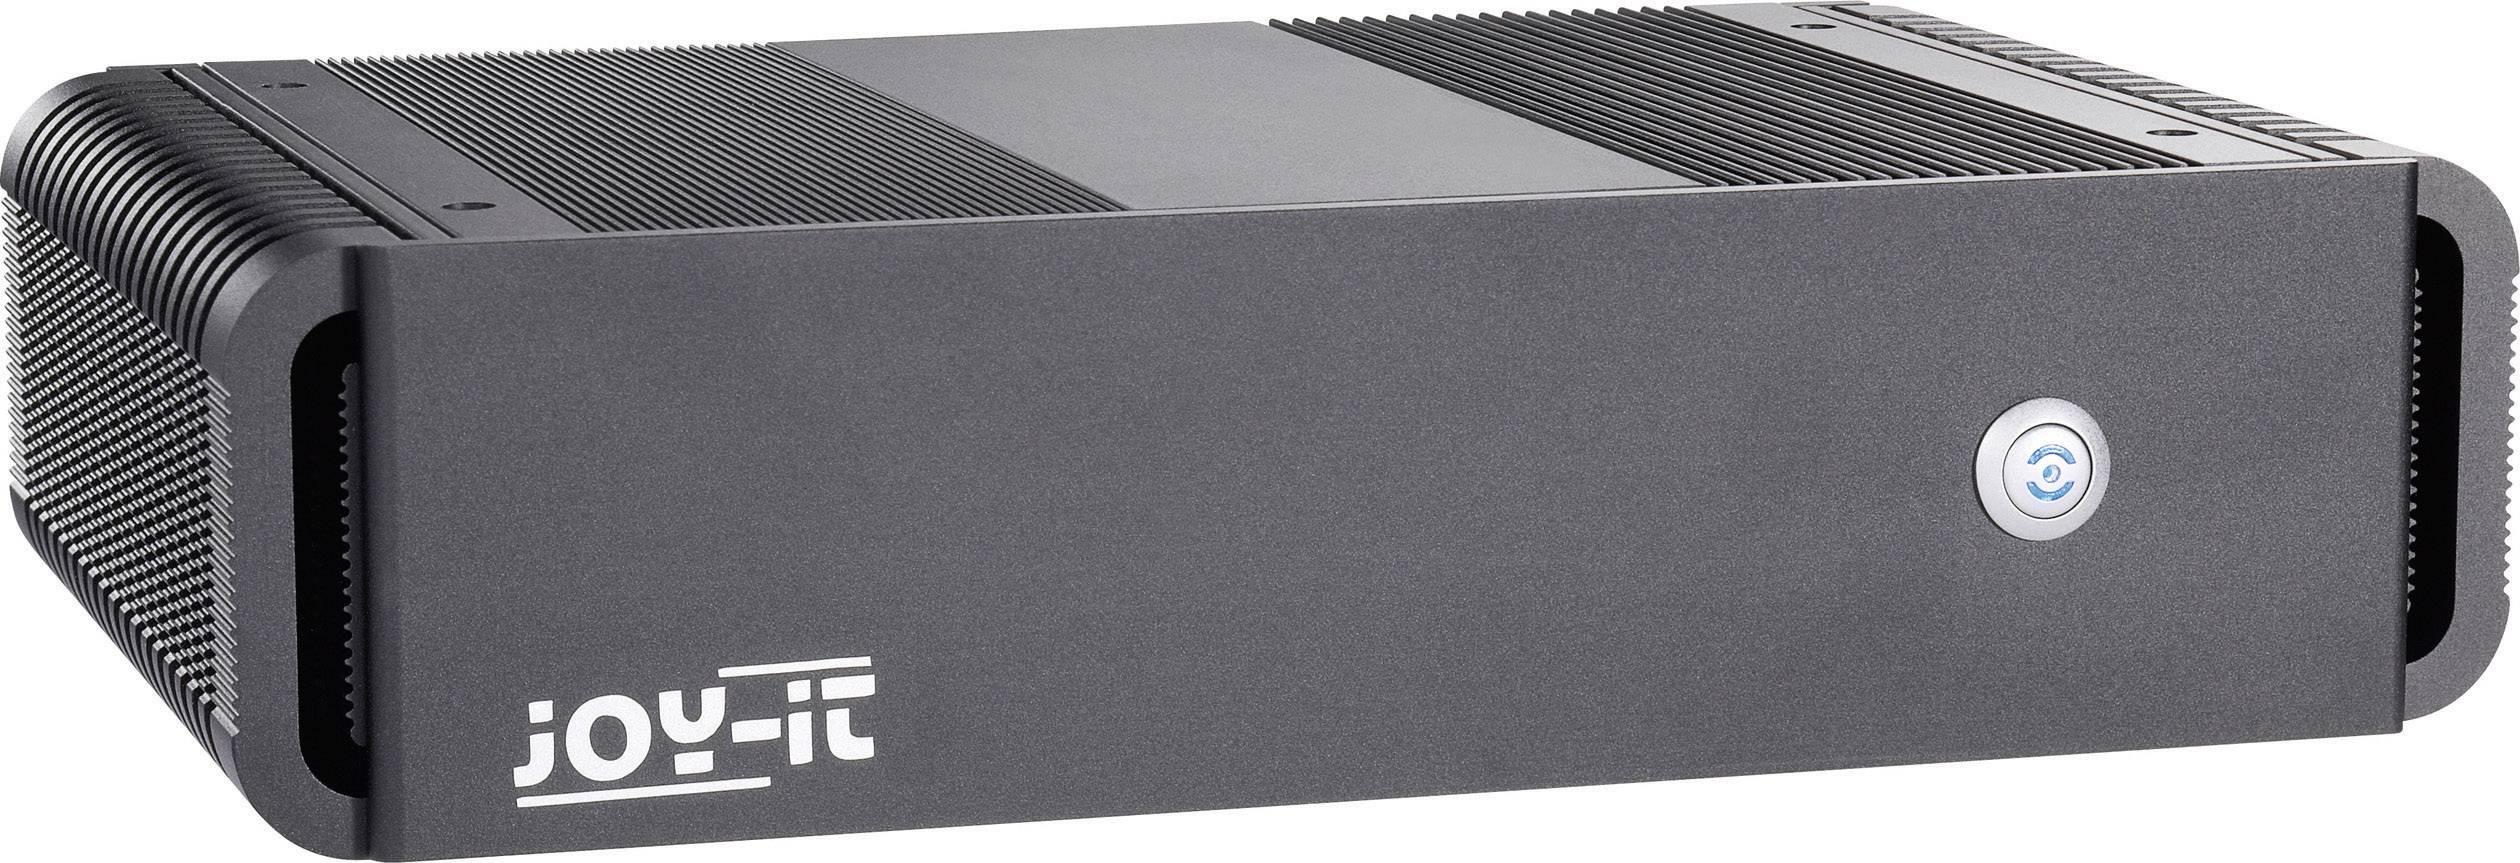 Průmyslové PC Joy-it IPC-3610ME-8-240, Intel Core i5 i5-3610ME 2 x 3.3 GHz, operační paměť 8 GB, bez OS